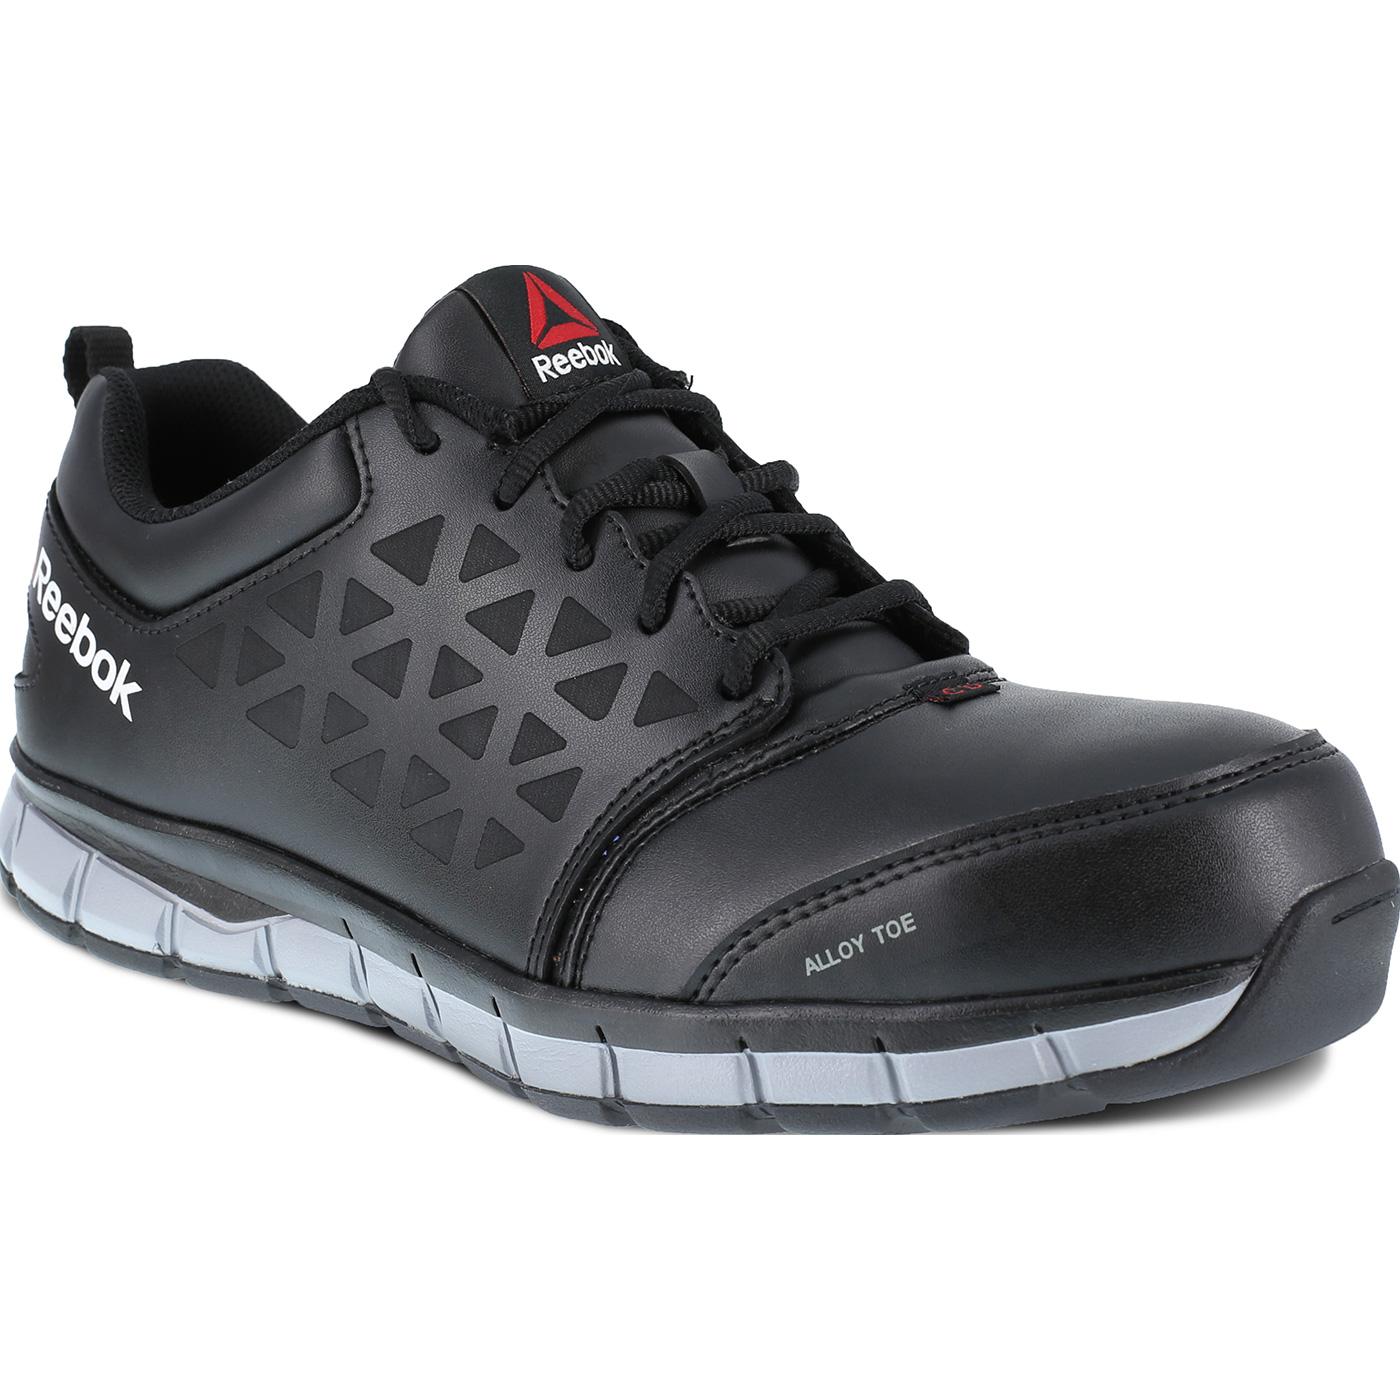 Reebok Sublite Cushion Work Men s Alloy Toe Conductive Athletic ShoeReebok Sublite  Cushion Work Men s Alloy Toe Conductive Athletic Shoe 5da25f31d